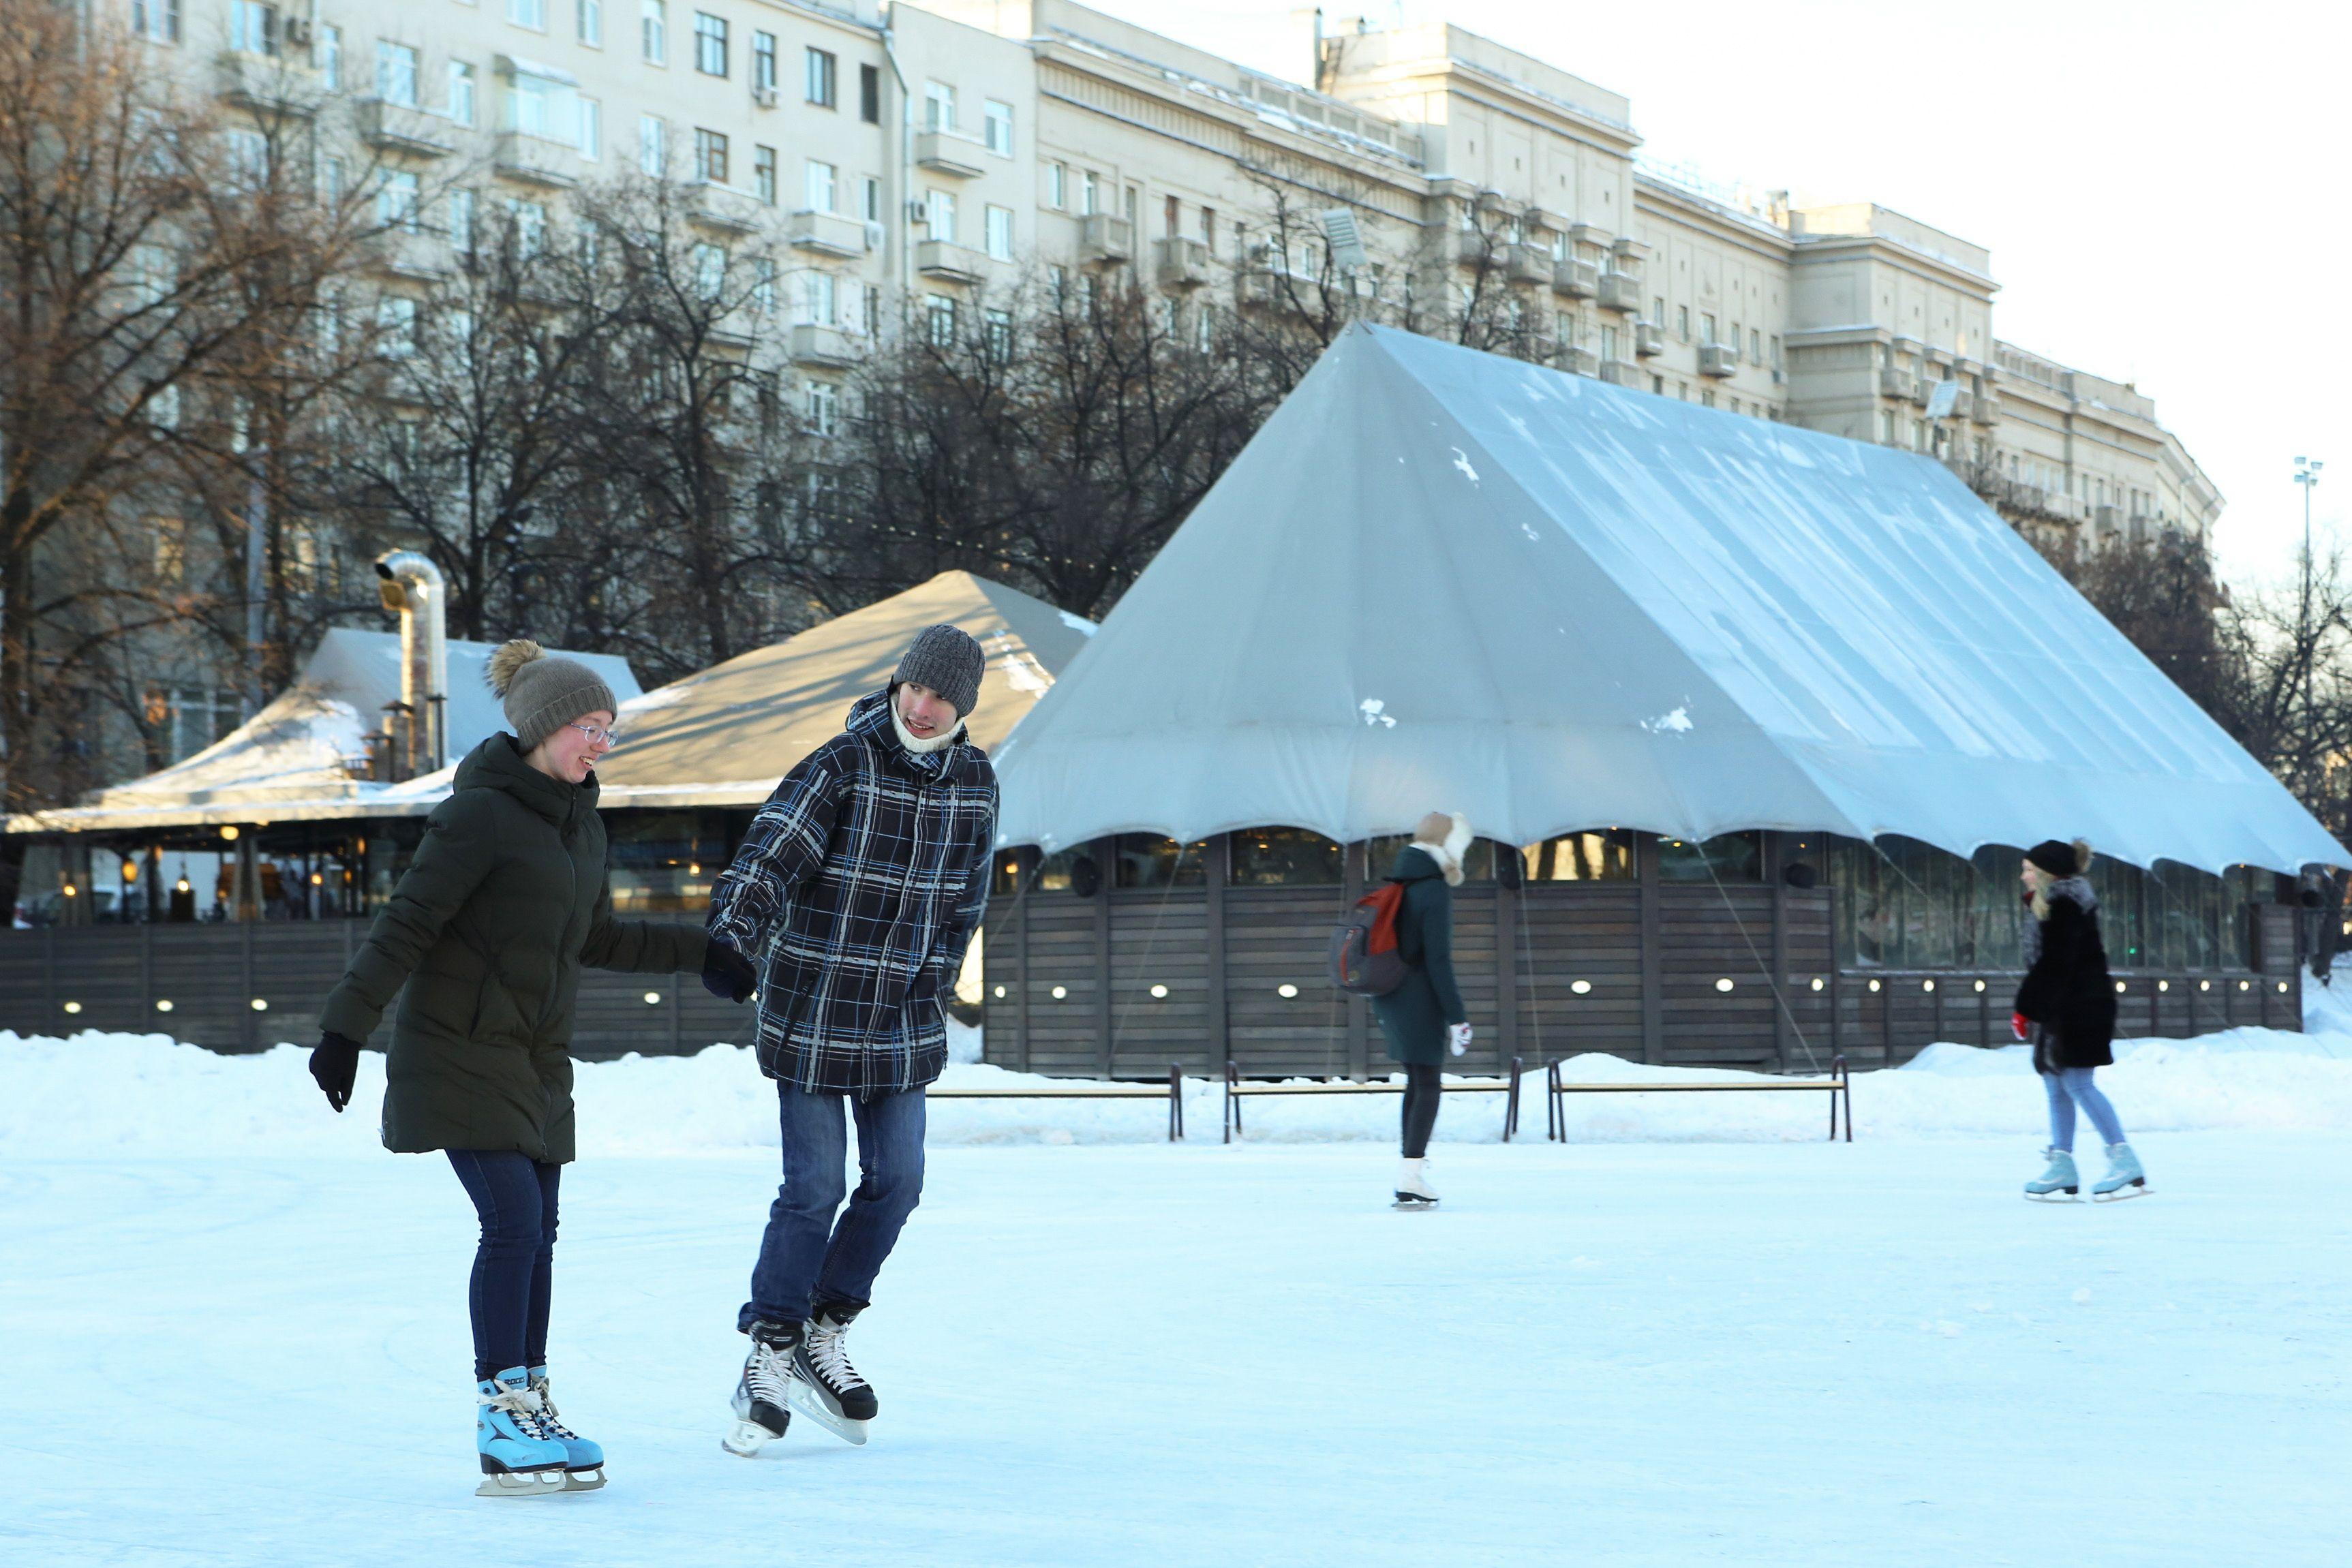 Синоптики спрогнозировали облачную погоду в воскресенье.Фото: архив, «Вечерняя Москва»